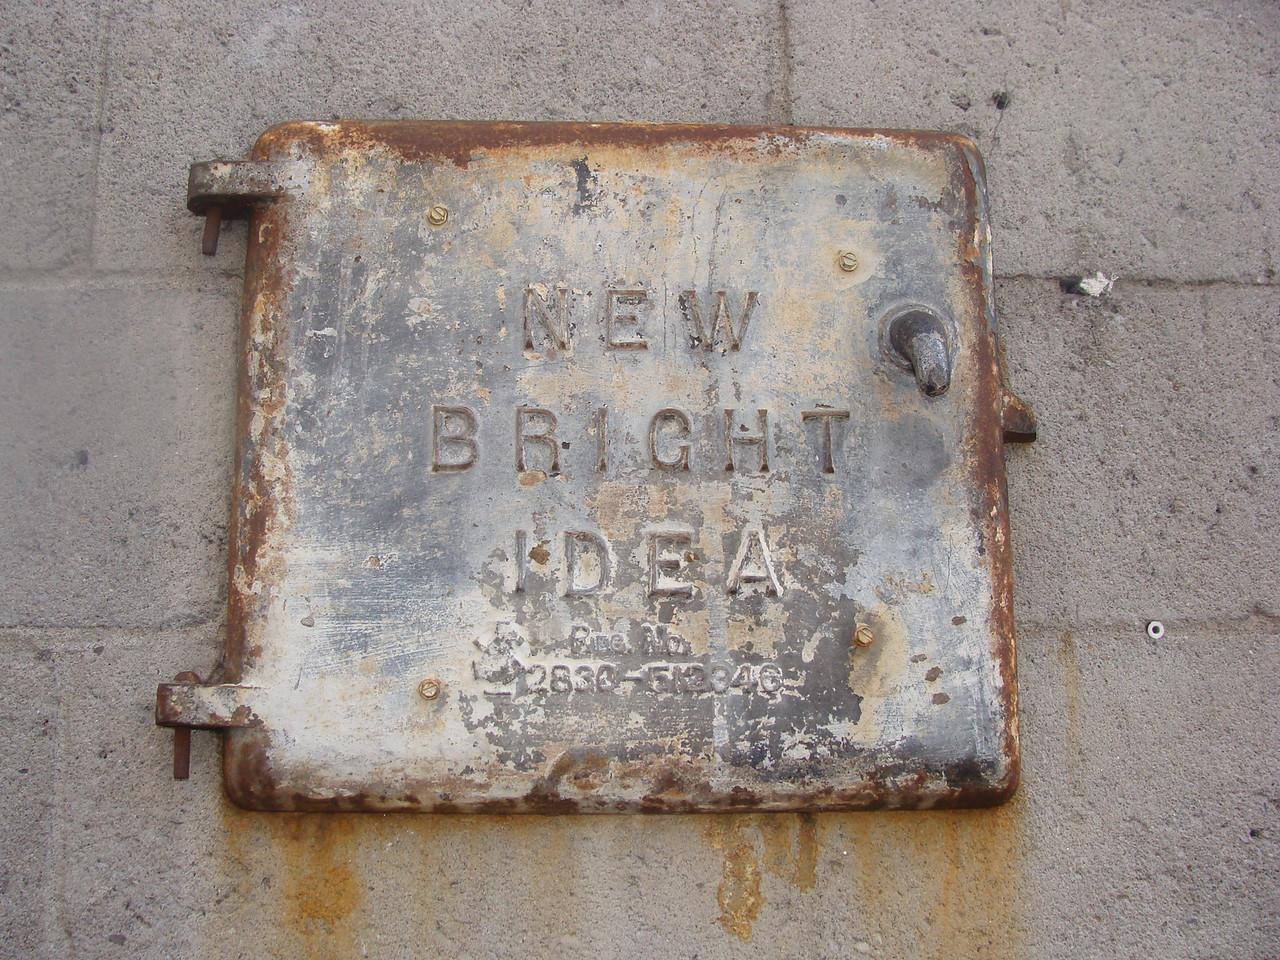 New Bright Idea